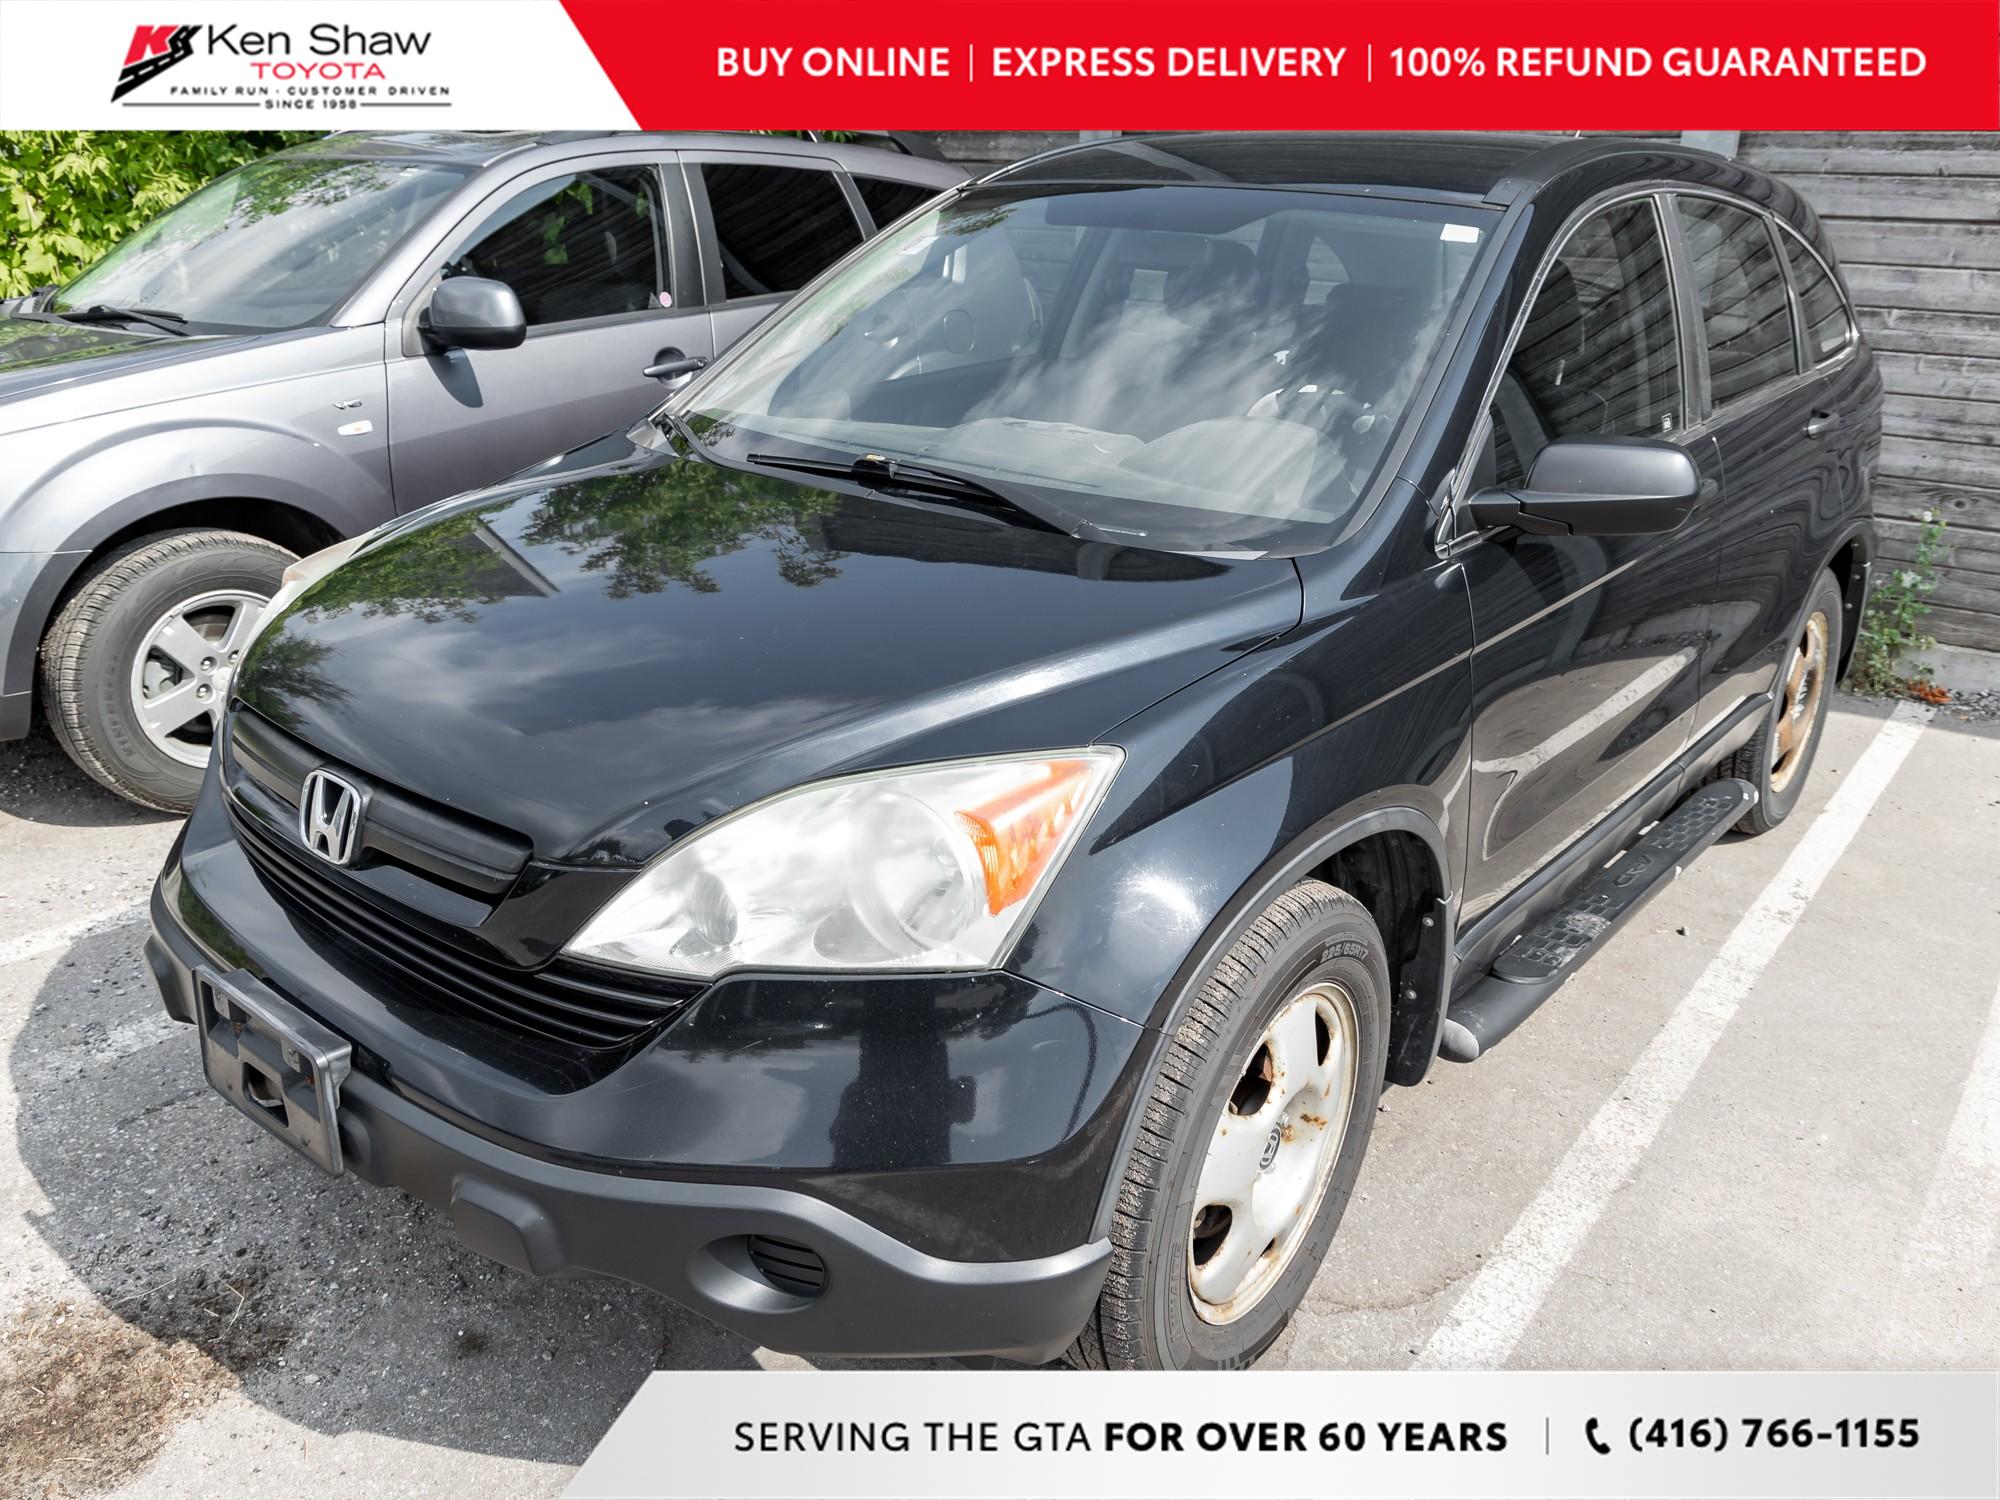 used 2008 Honda CR-V car, priced at $3,999